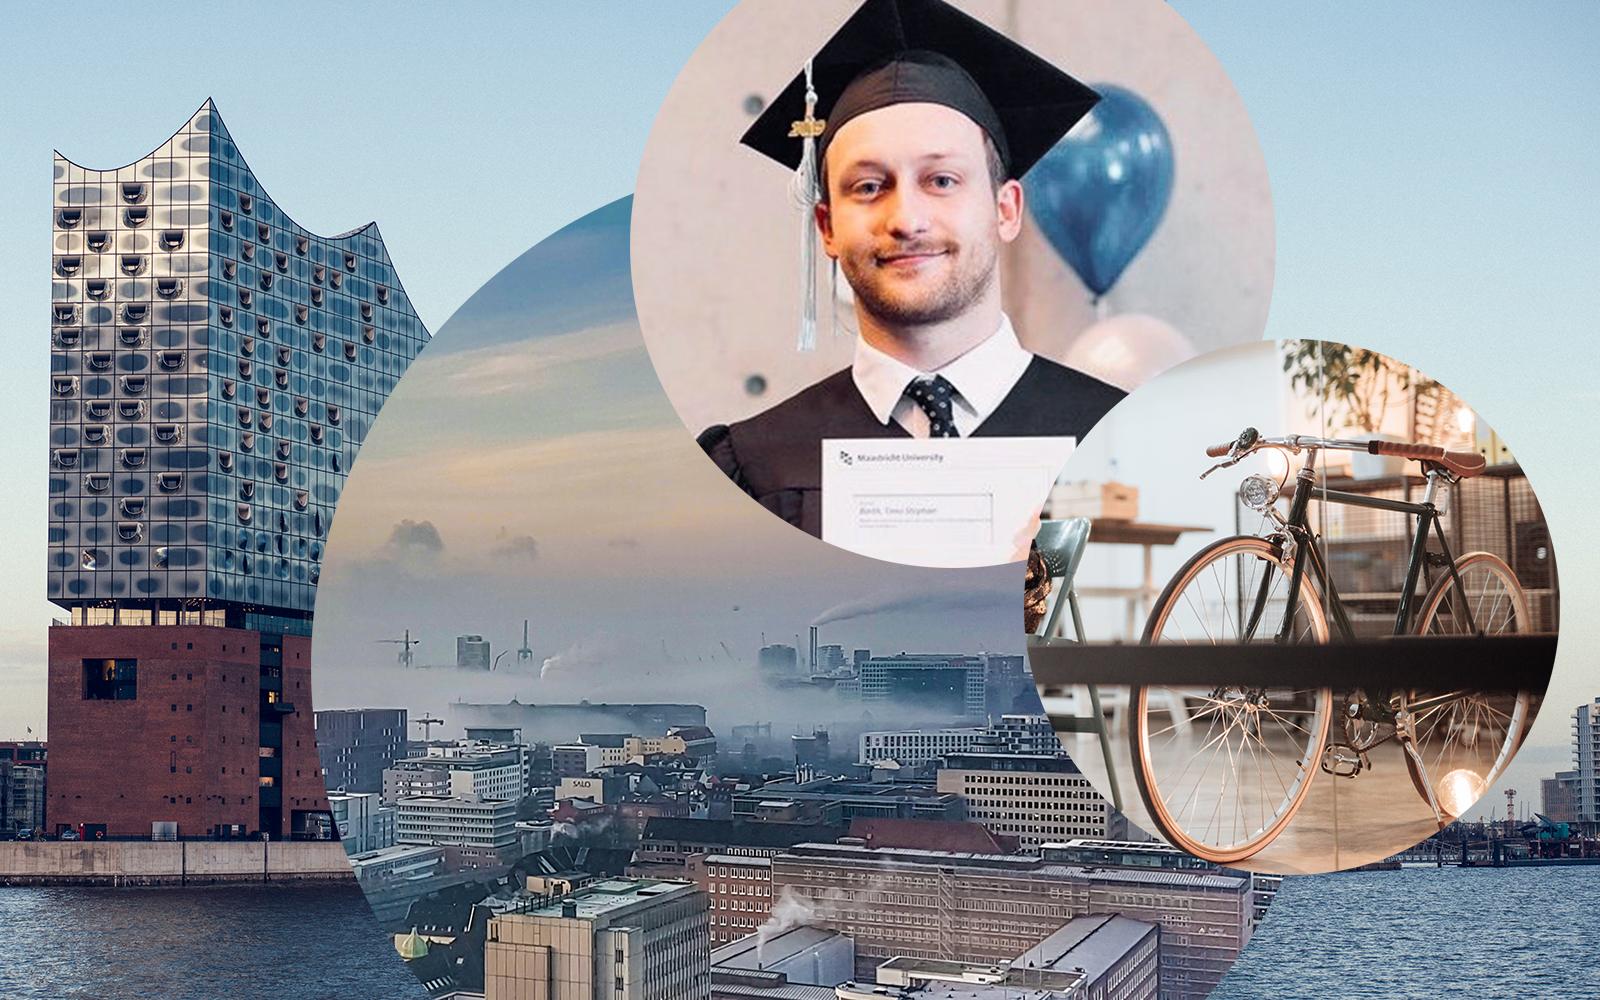 Bild von Timo Barth, Consultant im Bereich SAP Analytics bei valantic in Hamburg, dahinter die Skyline von Hamburg